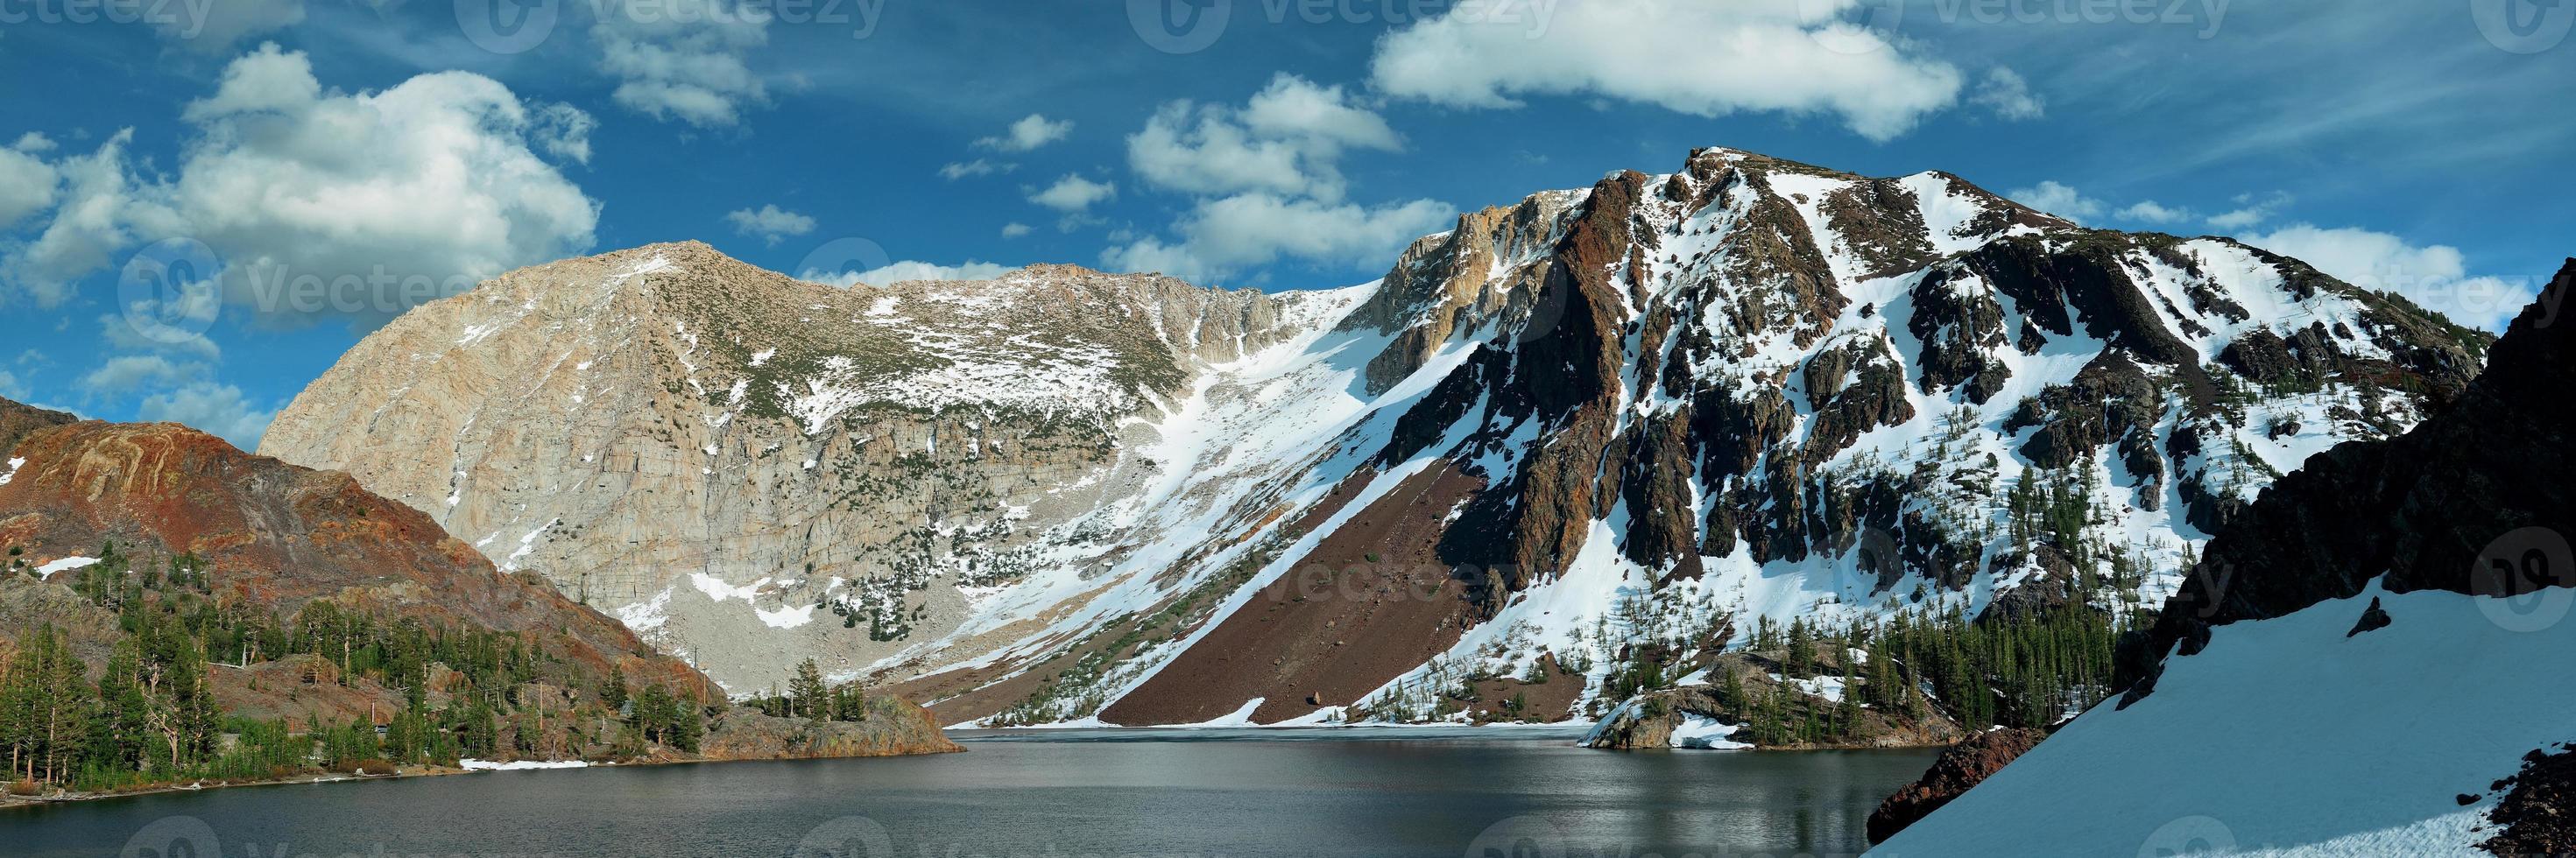 Schnee Bergsee foto